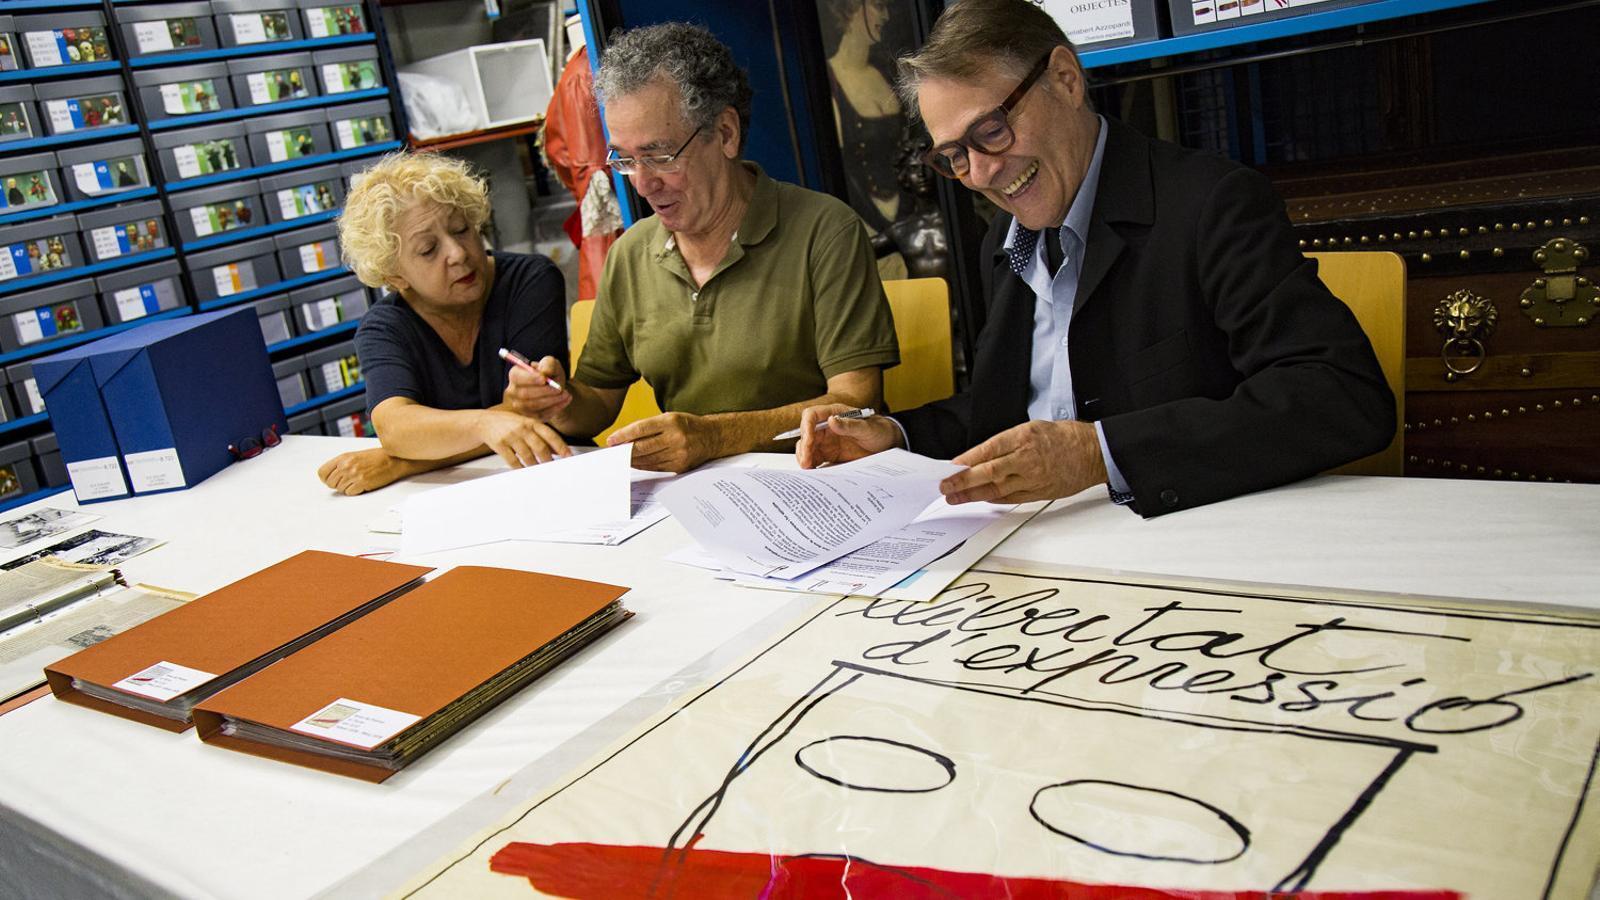 01. La directora de l'Institut del Teatre, Magda Puyo, amb Ferran Rañé i Andreu Solsona 02. Tres Joglars detinguts com a autors de La torna.